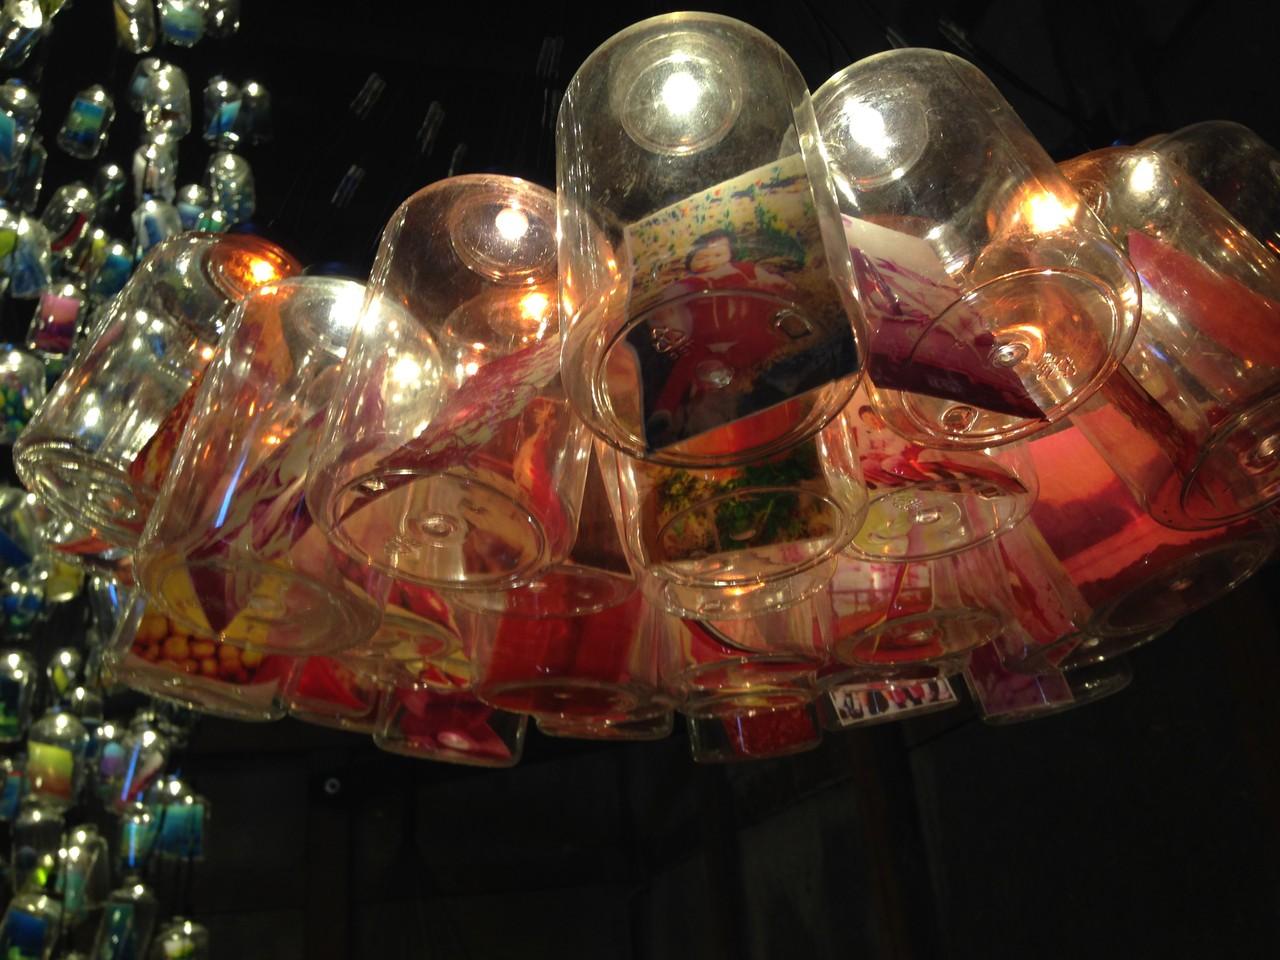 男木島の記憶をボトルに封入し、小さなあかりをともすインスタレーション。